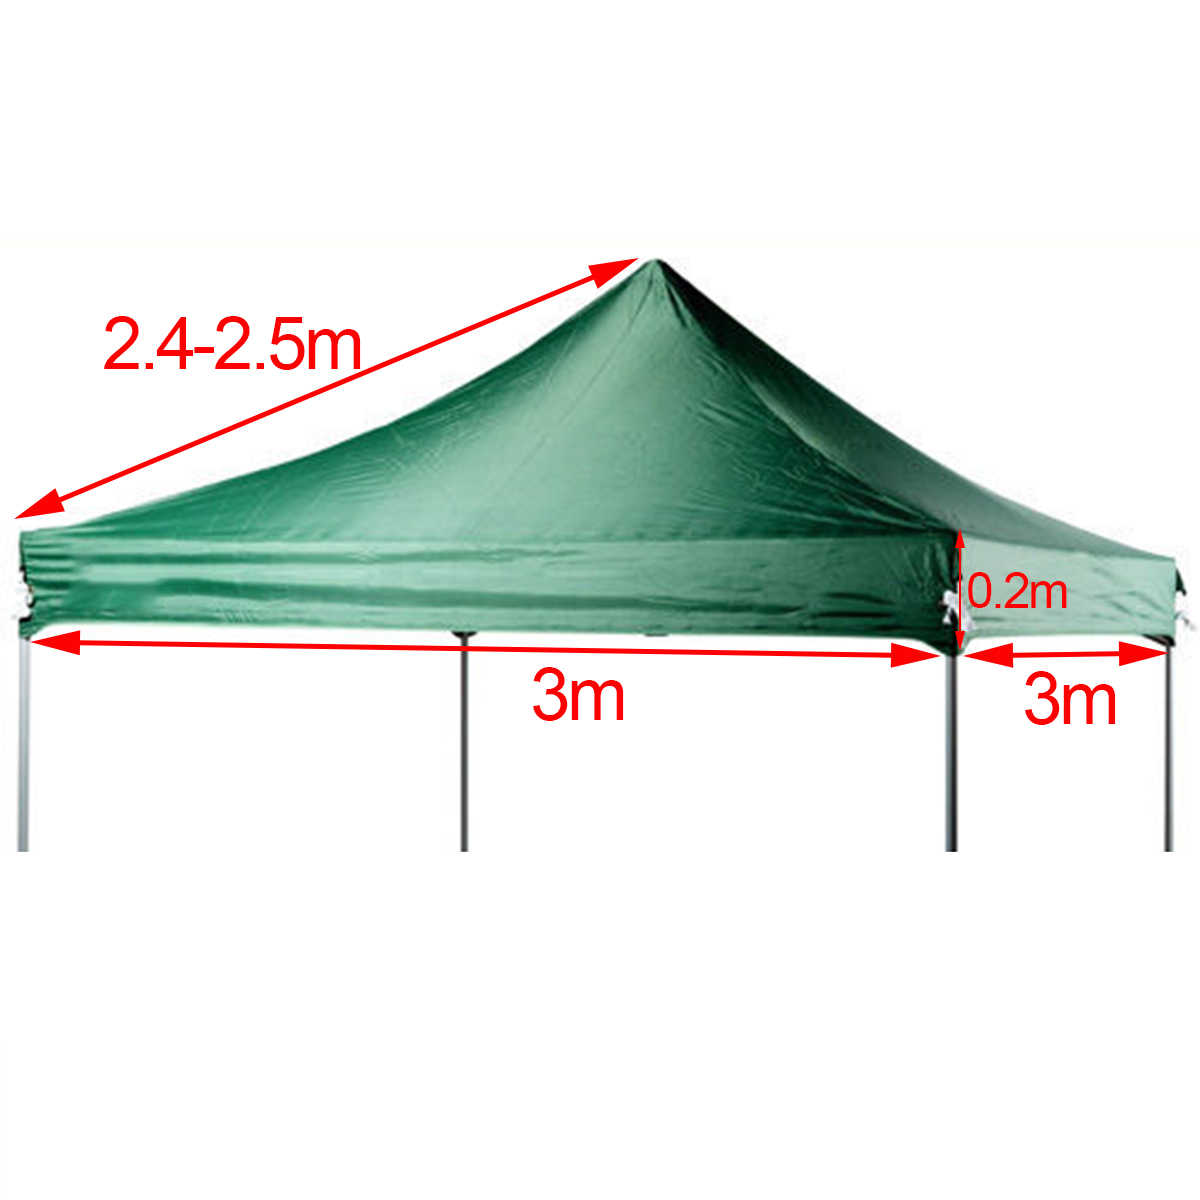 Replacement Gazebo Garden Canopy Top Tent Cover Camping Beach Patio Sun Tarp